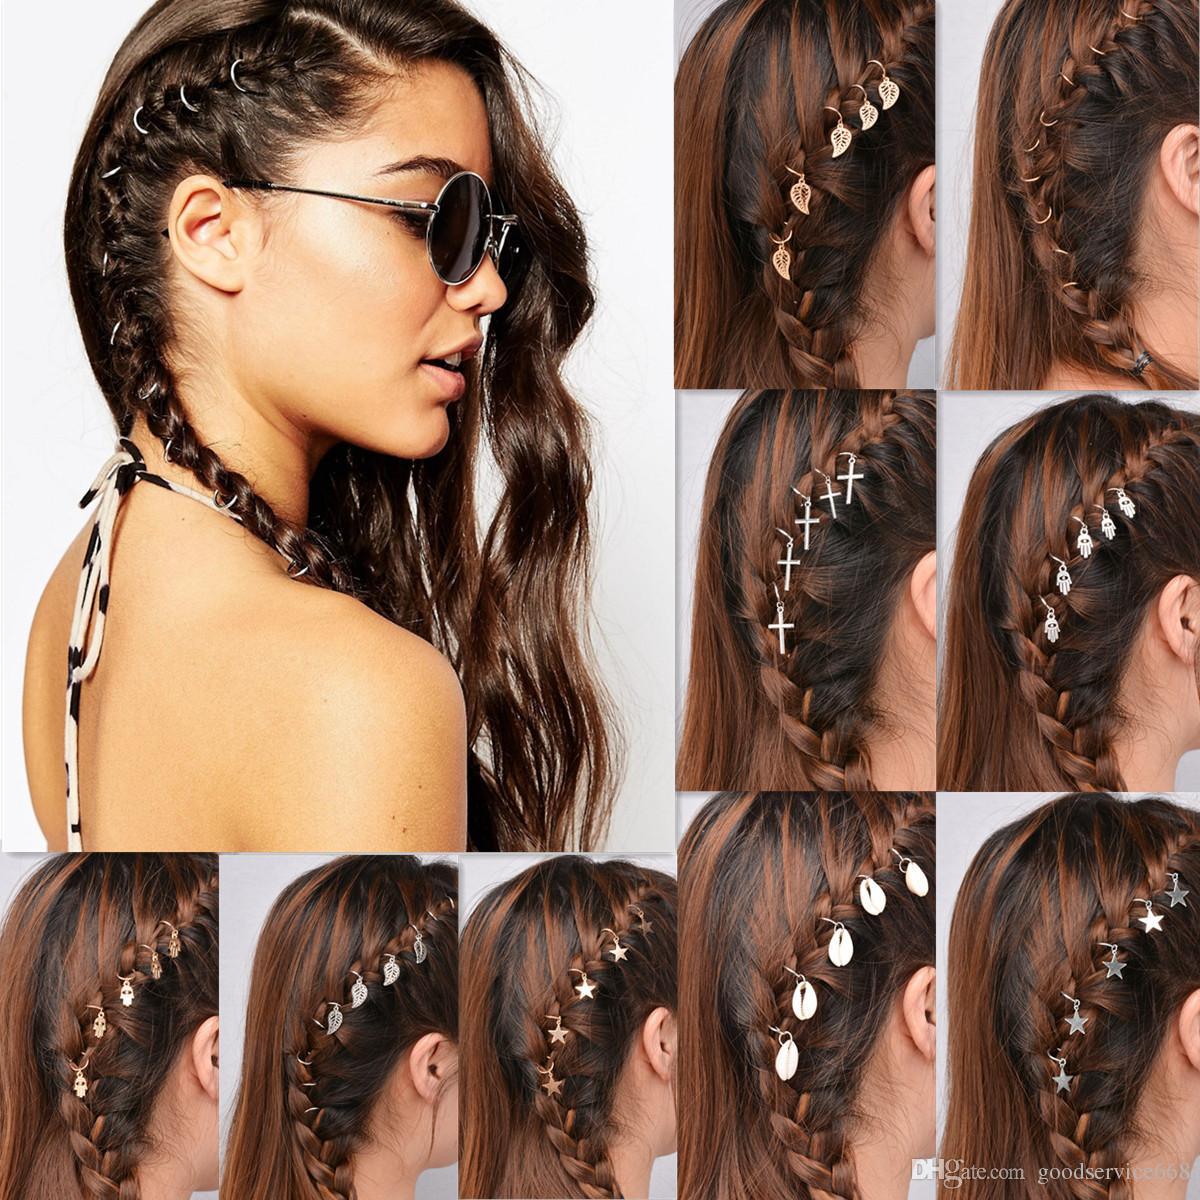 Sweet Braid Hair Charm Accessories Leaf Star Hair Clips ...